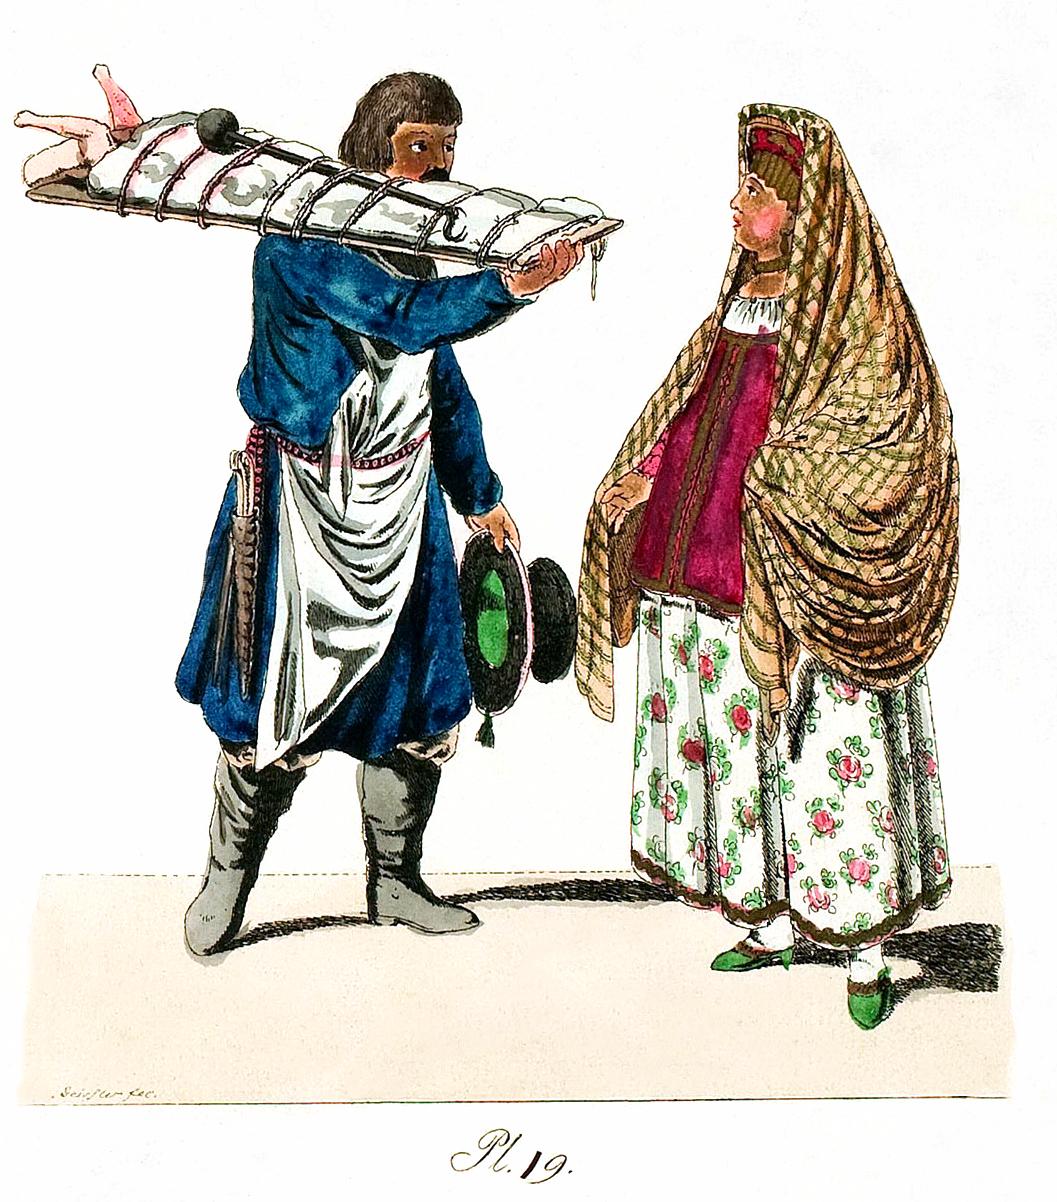 19. Fleischers mit einem Brett Schwein auf dem Brett und einer Kaufmannsfrau / ������ �� ������� �� ������� � �������